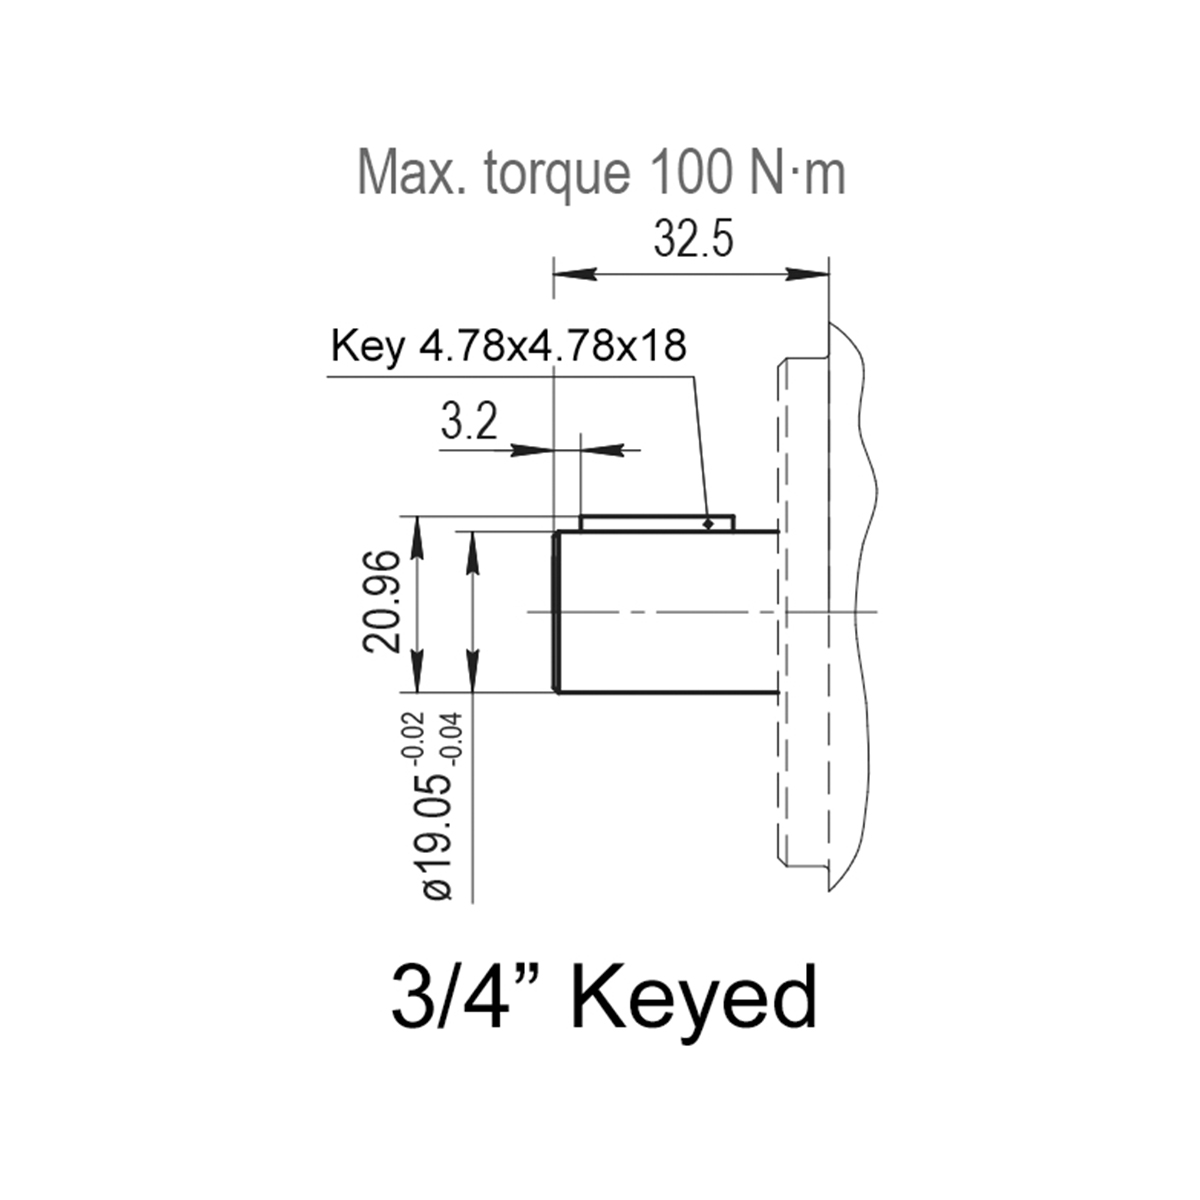 1.37 CID hydraulic gear pump, 3/4 keyed shaft counter-clockwise gear pump   Magister Hydraulics